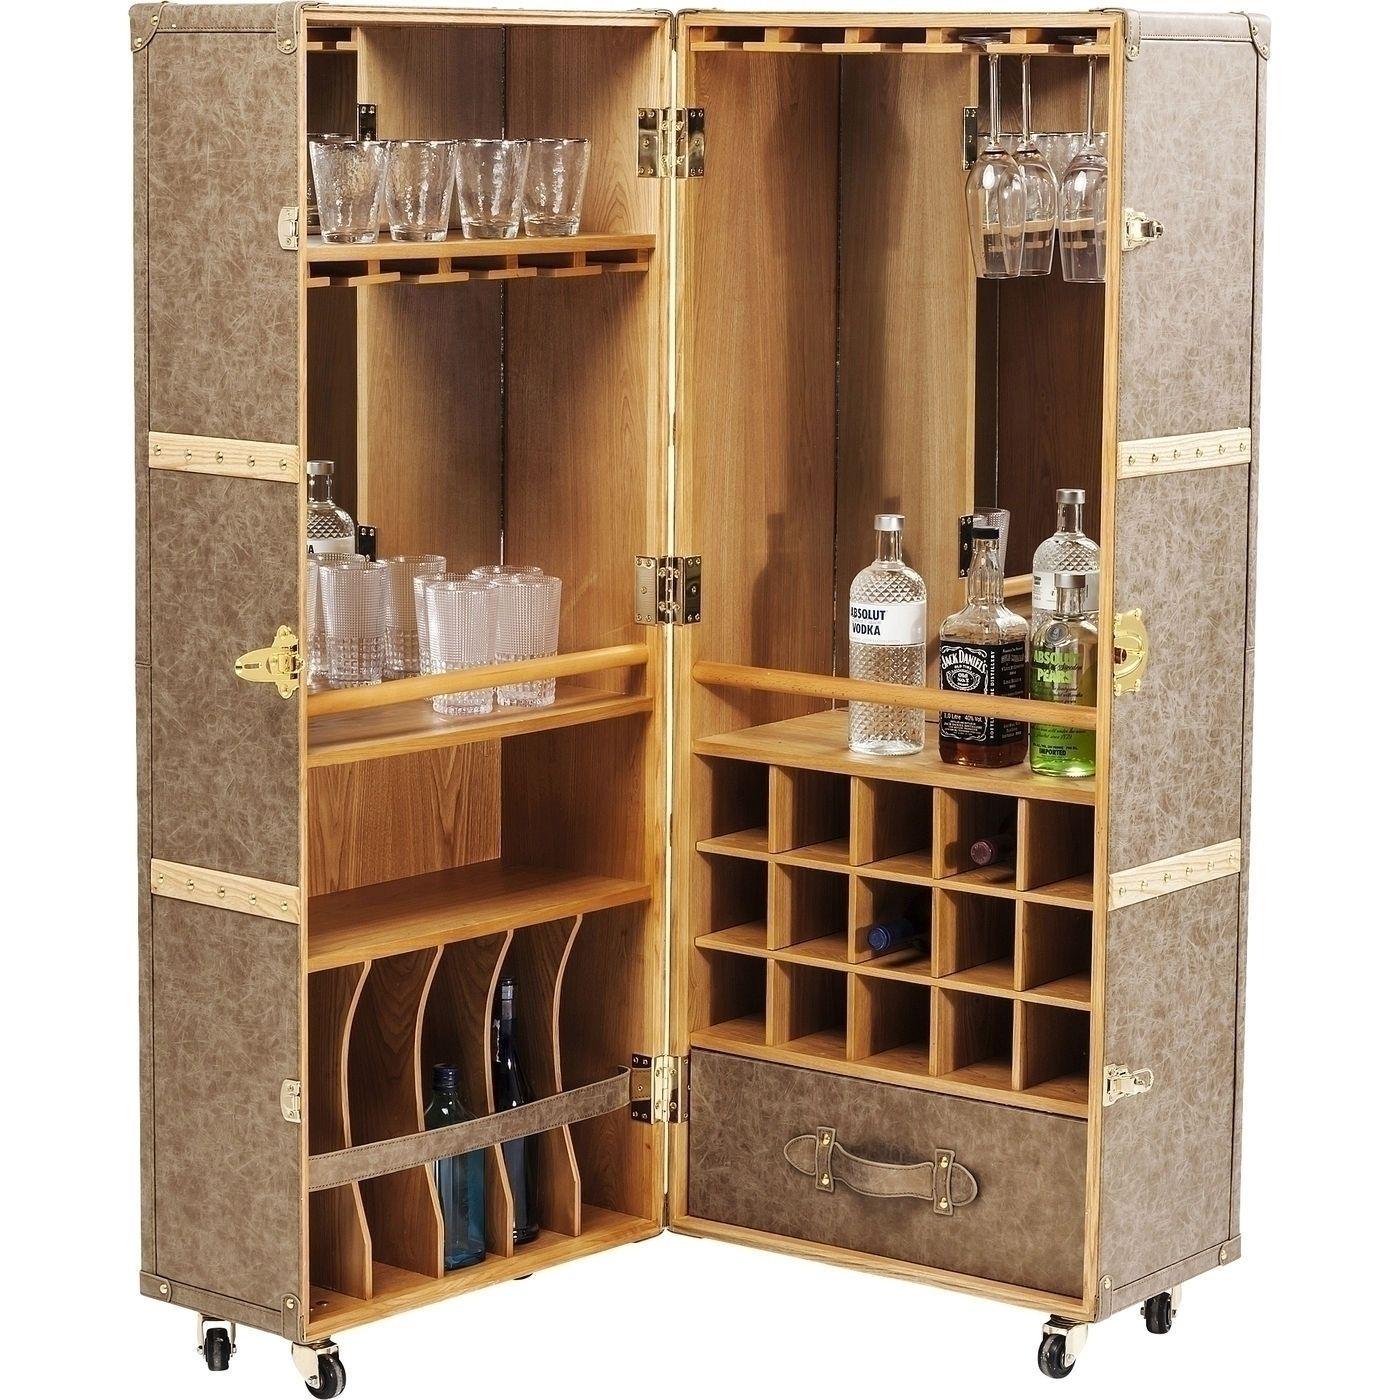 Schrankkoffer Bar West Coast Hausbar Kare Design Schrank